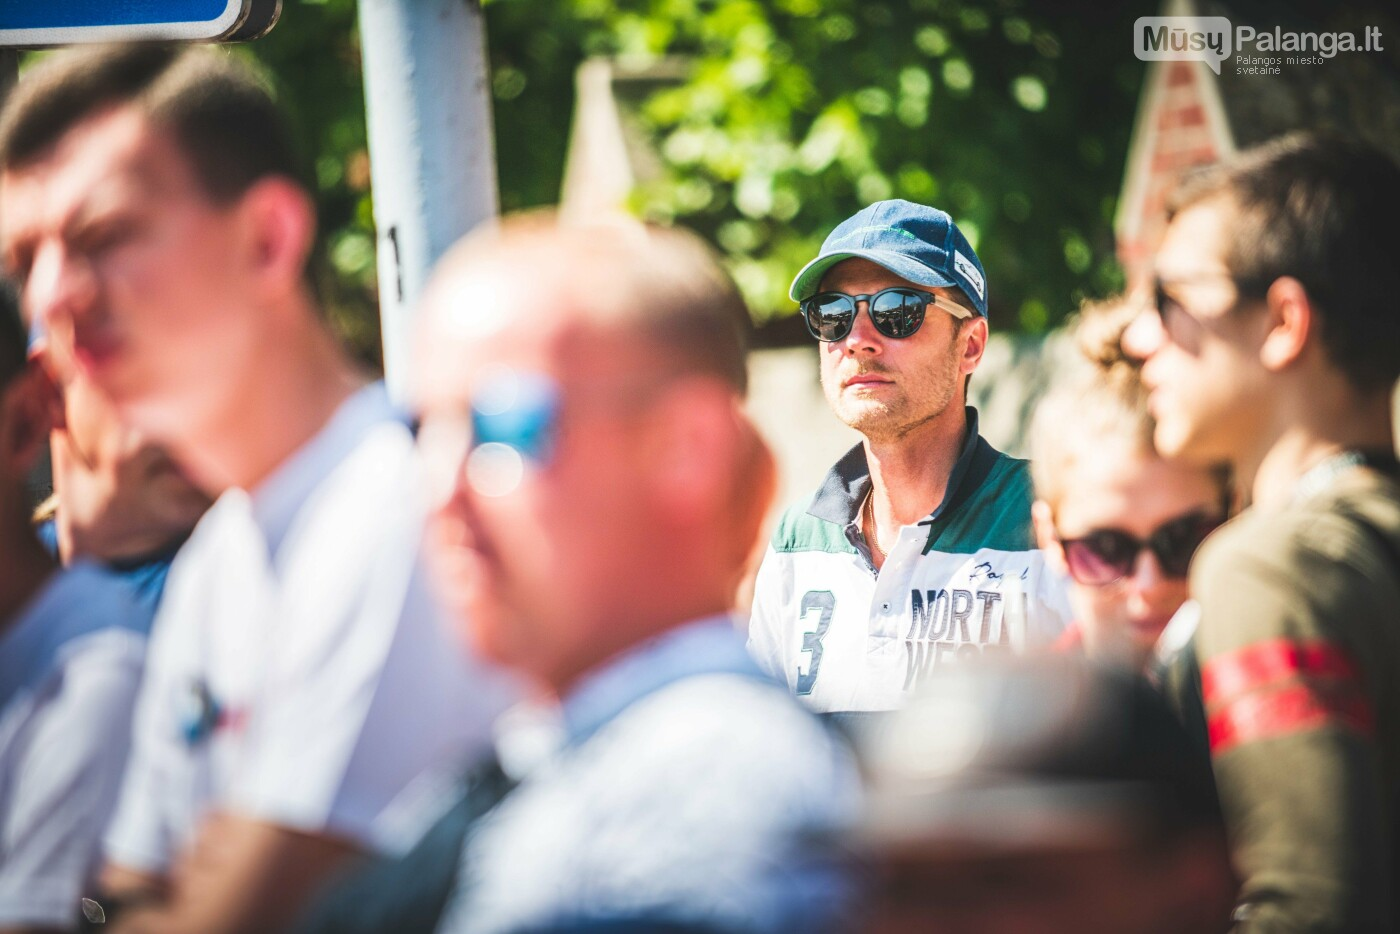 """Palanga alsuoja """"Aurum 1006 km lenktynių"""" ritmu, nuotrauka-74, Vytauto PILKAUSKO ir Arno STRUMILOS nuotr."""